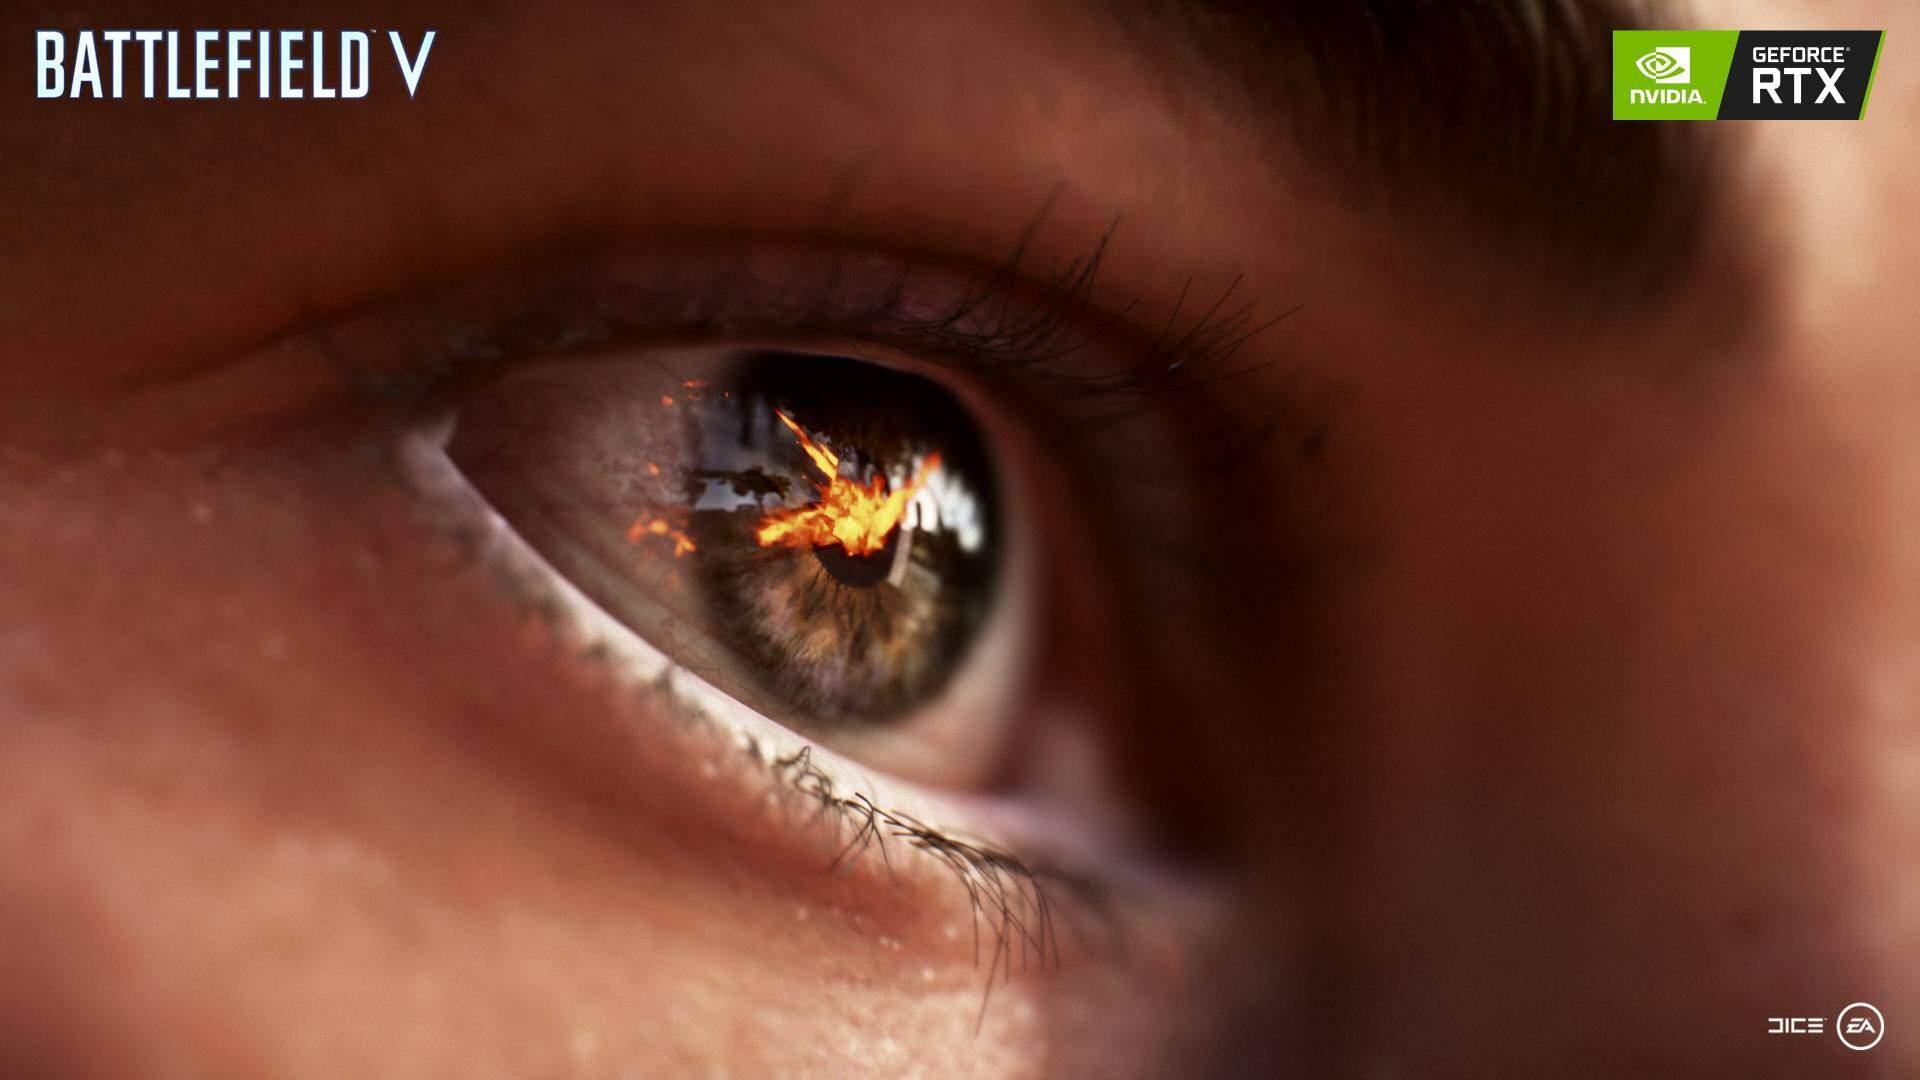 Battlefield V Nvidia RTX Raytracing